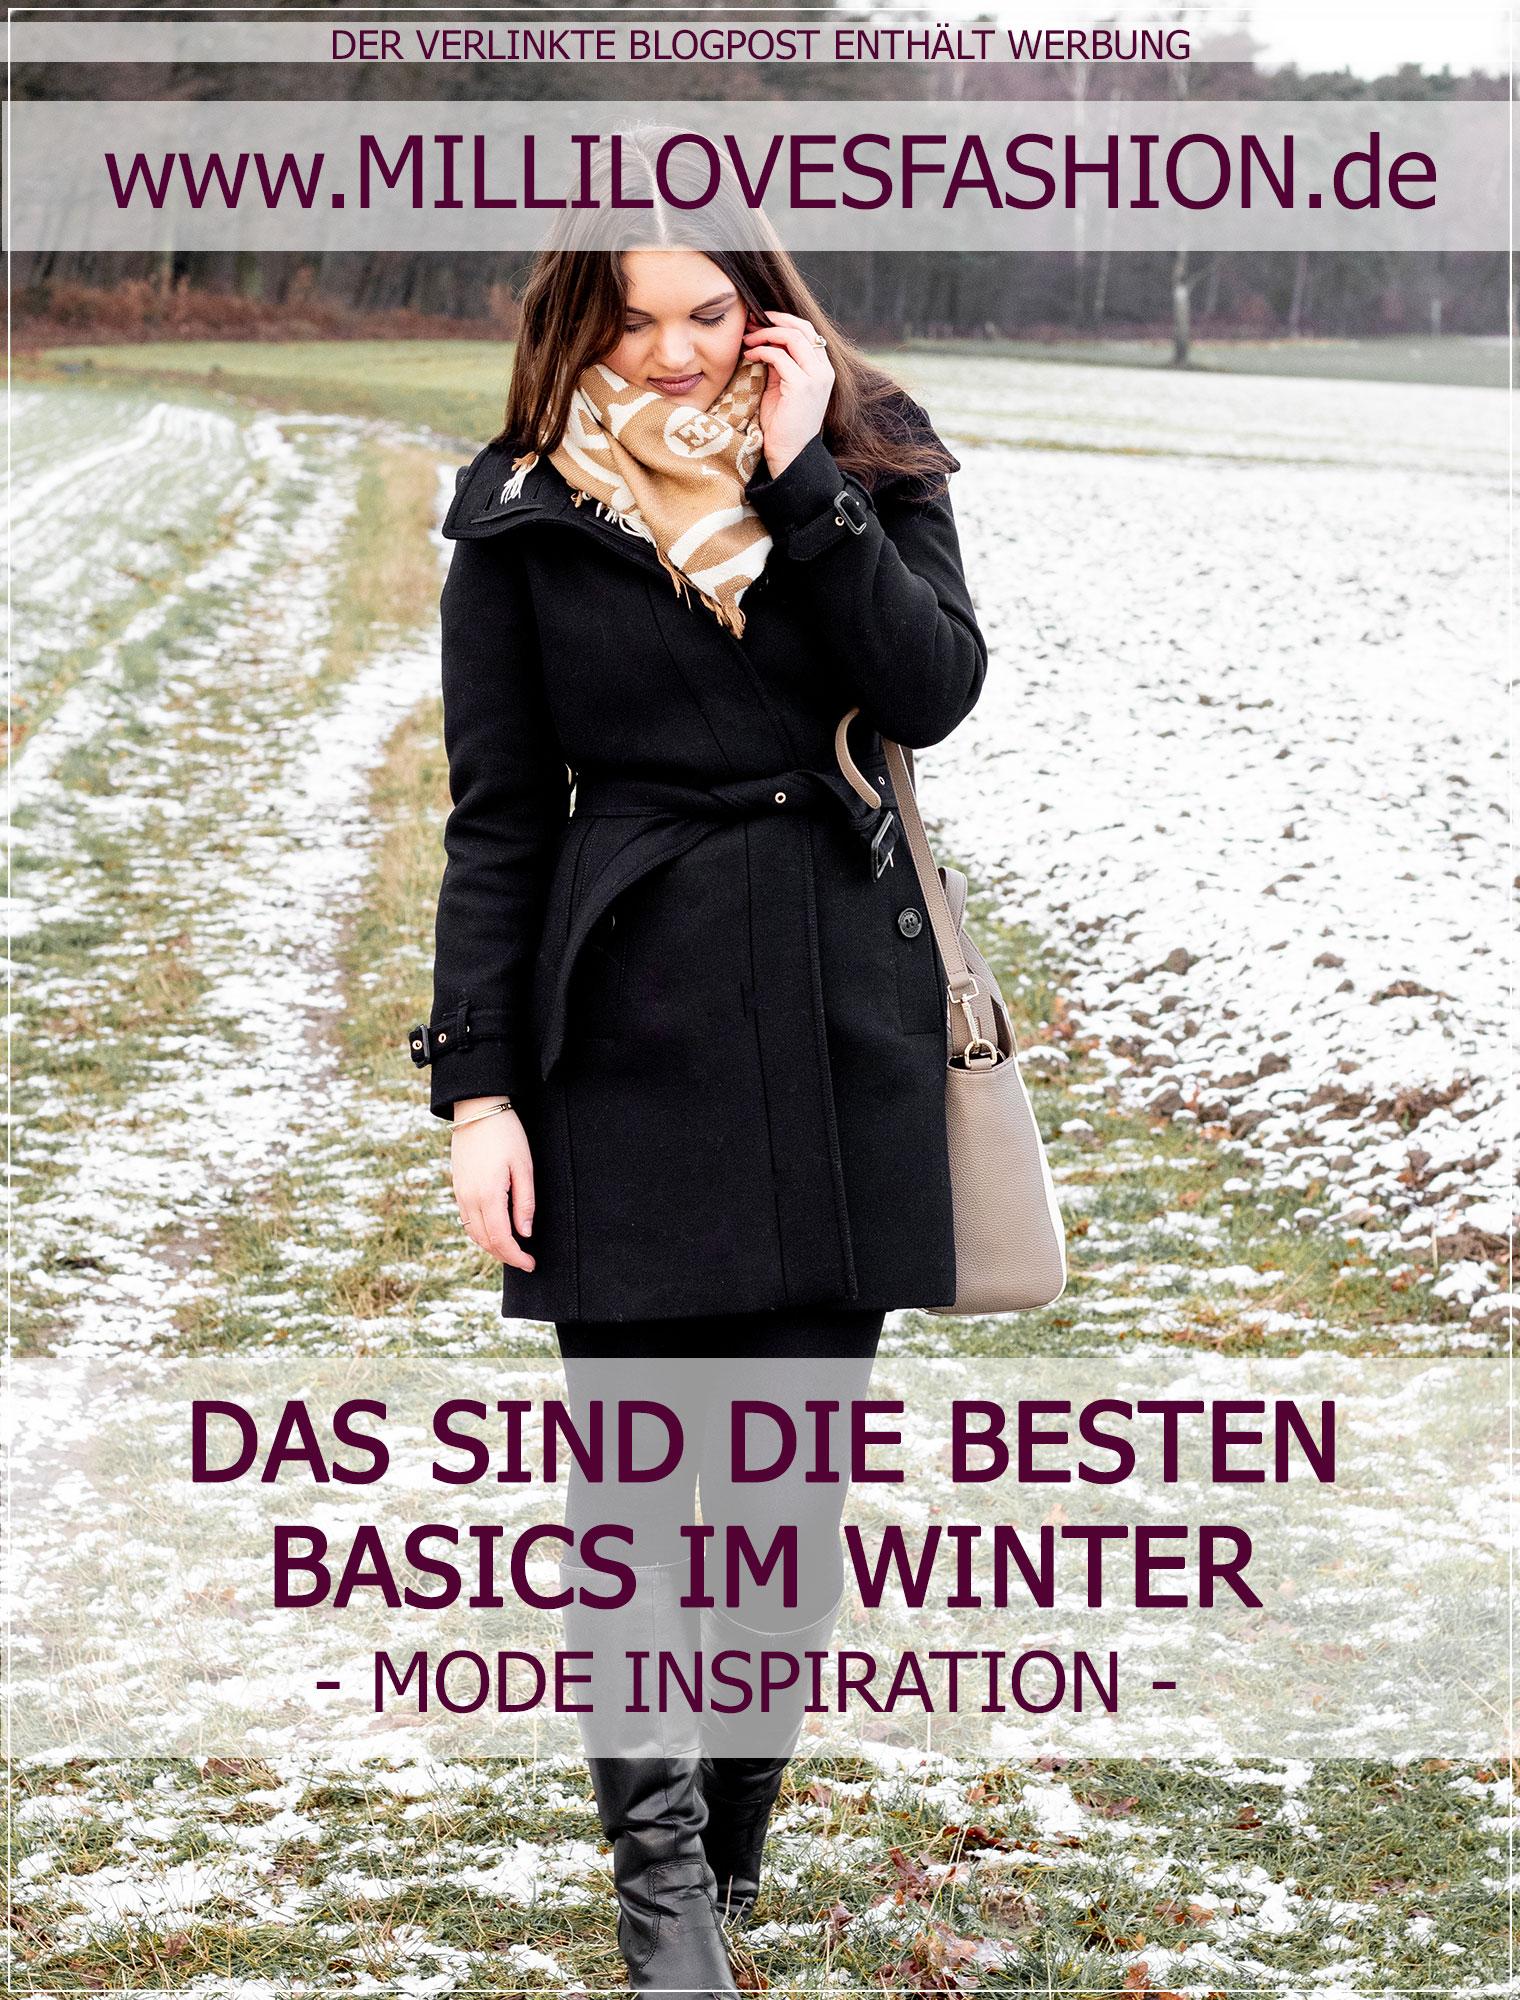 Die besten Basics im winter